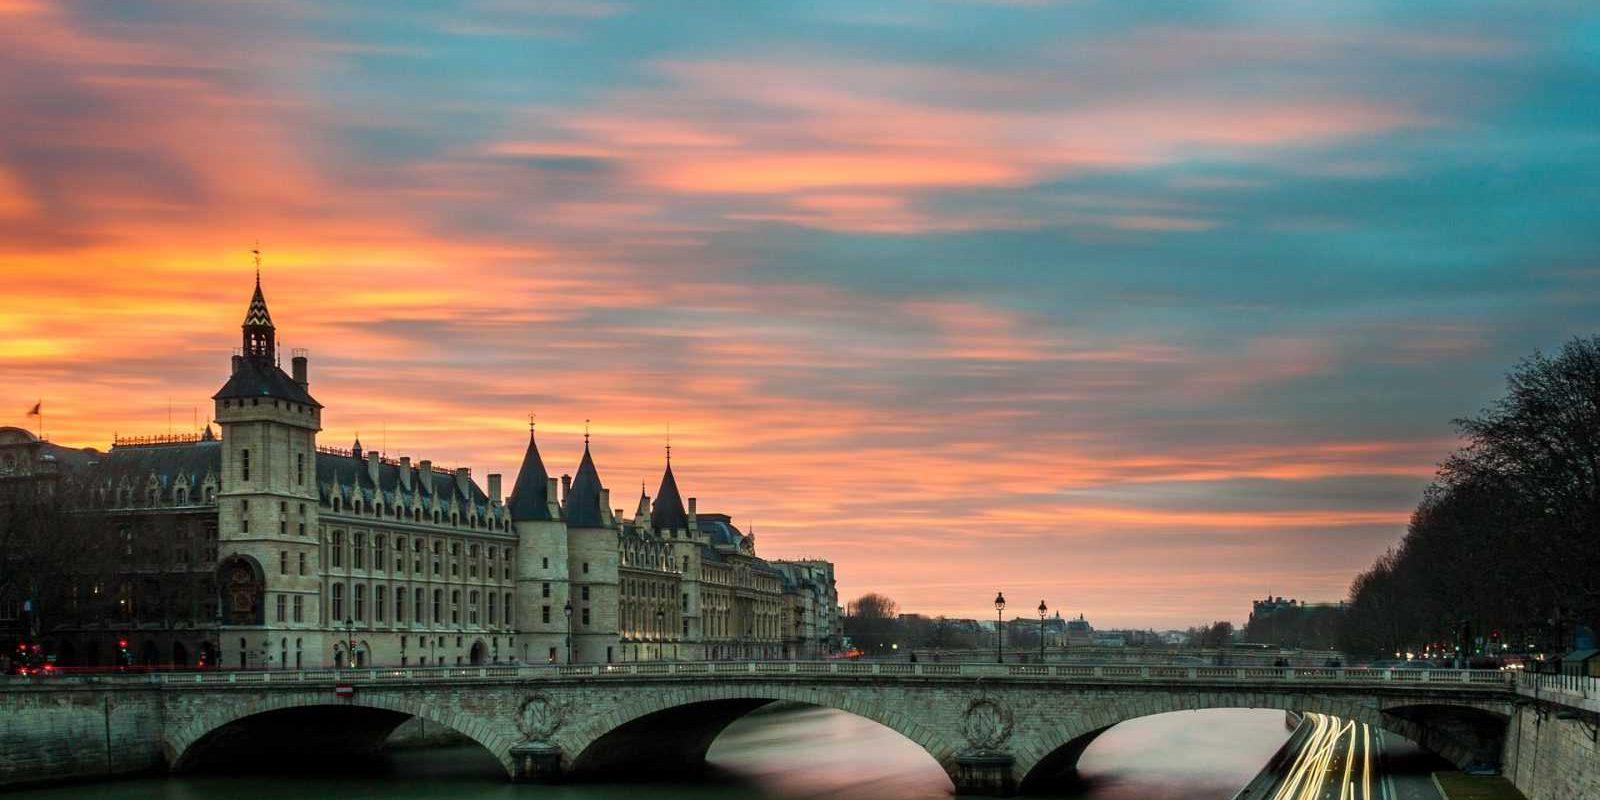 BRIDGE & CASTLE IN PARIS